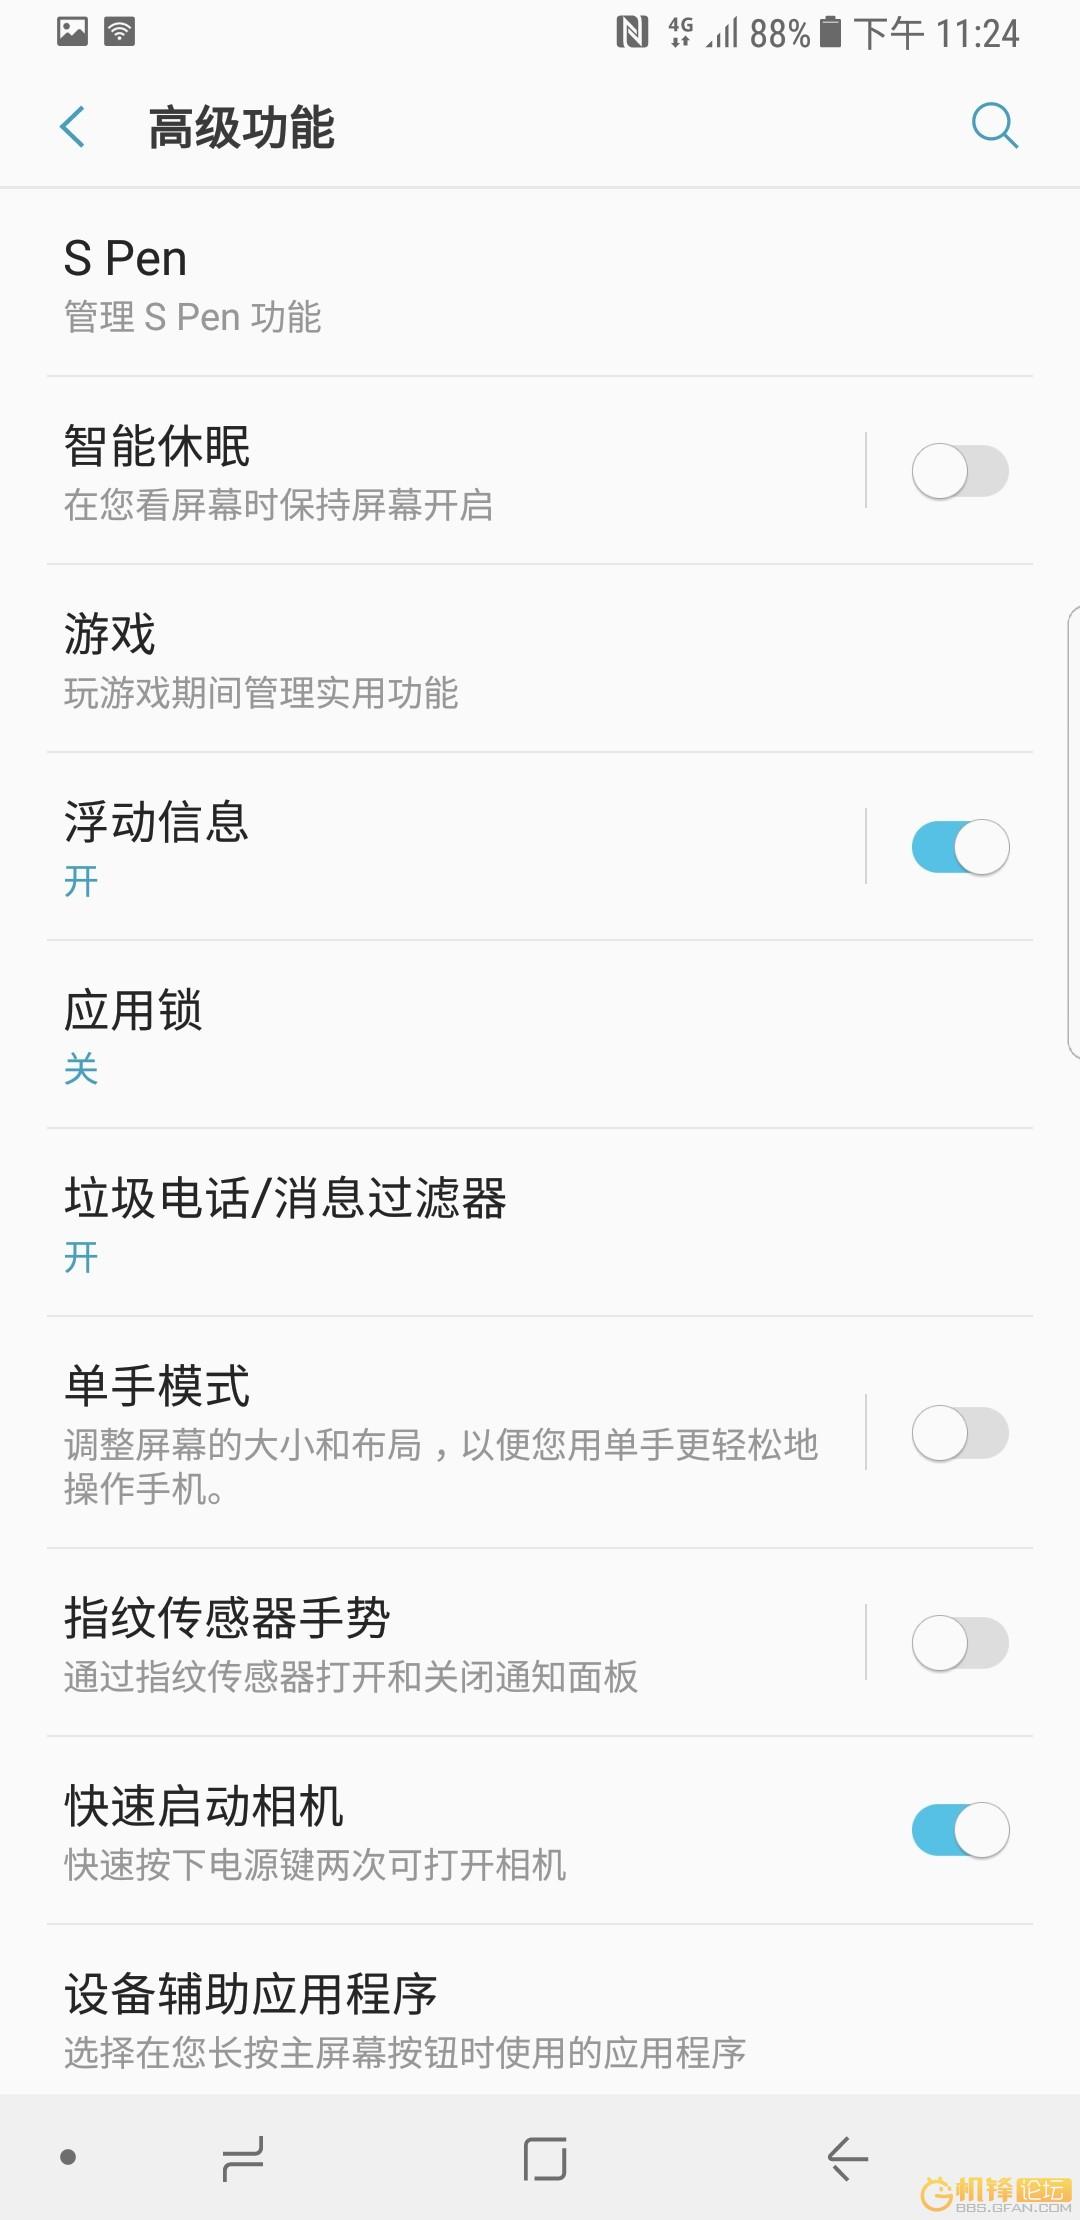 Screenshot_20171124-232454.jpg